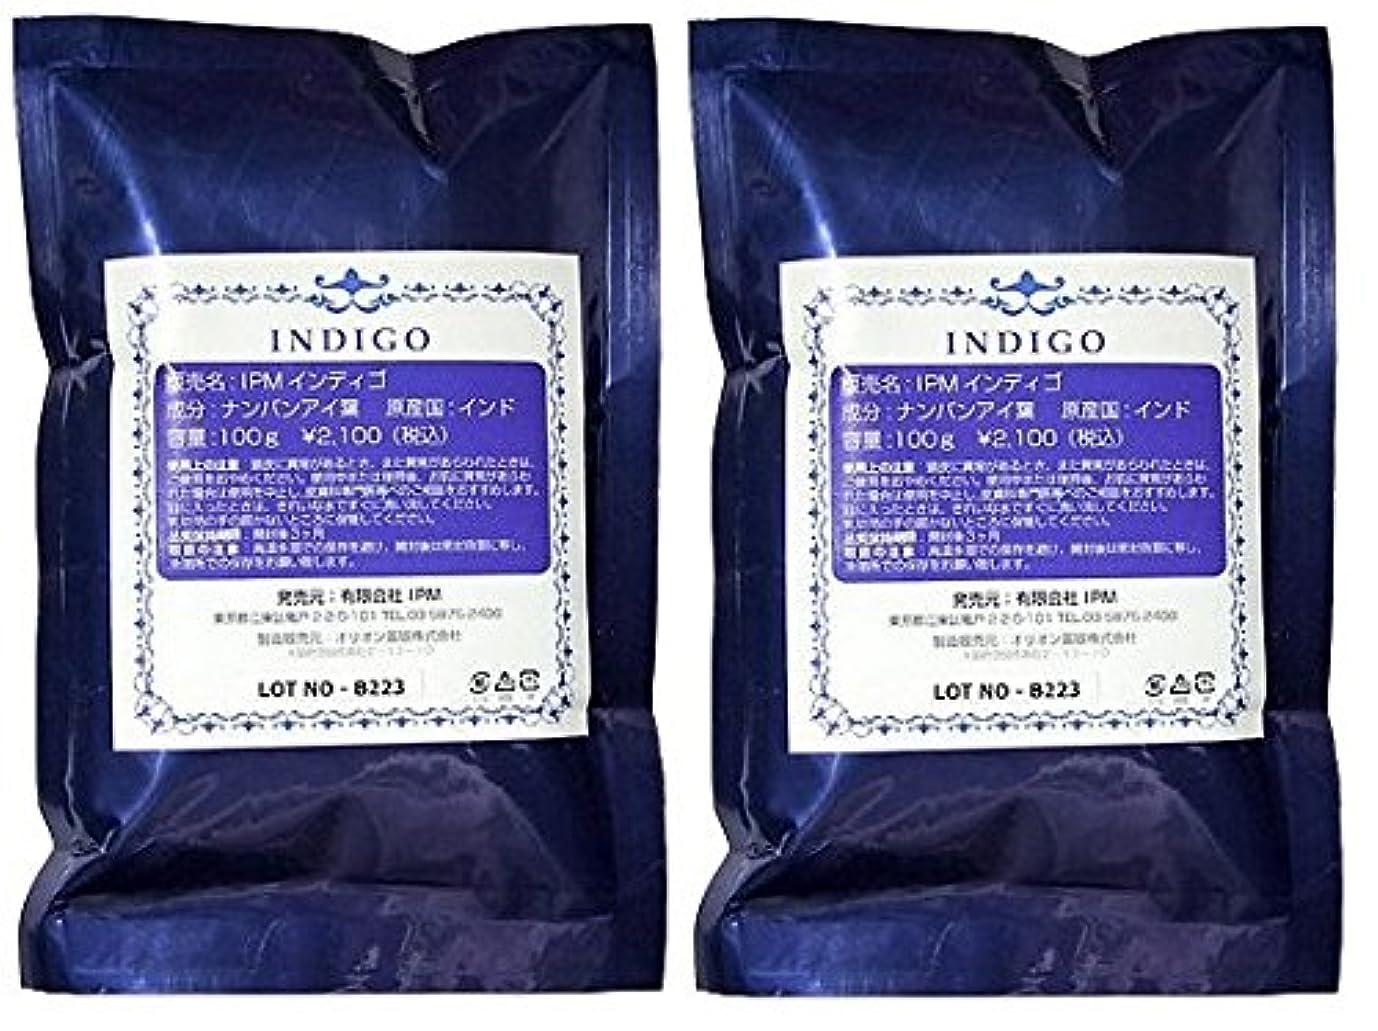 永遠の橋脚デイジーI.P.Mインディゴ(天然染料100%) 2個セット 200g